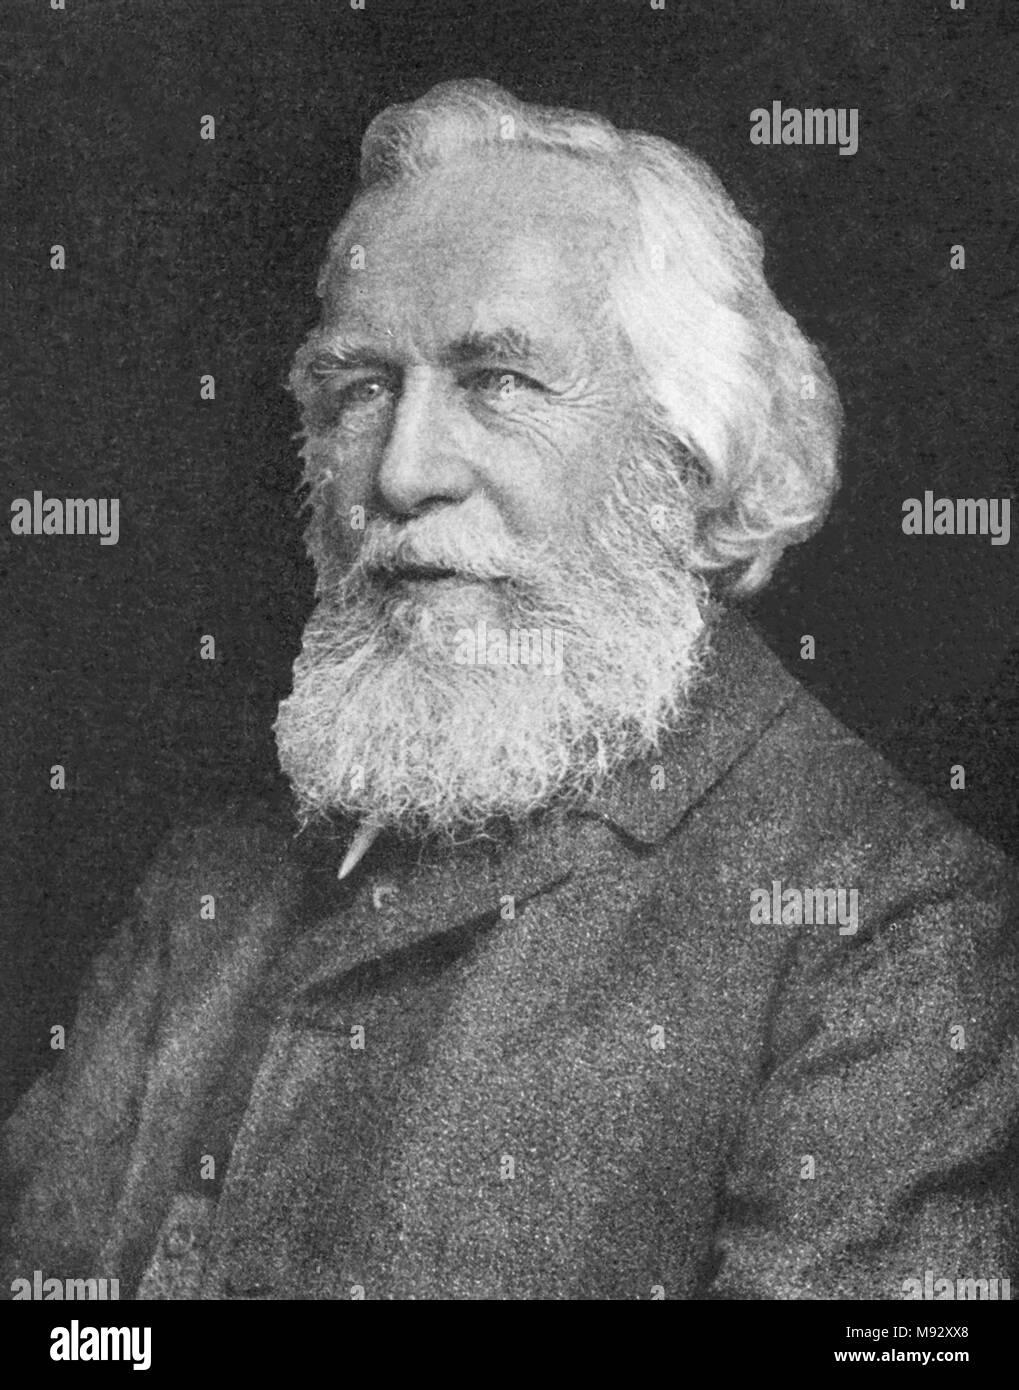 Ernst Heinrich Philipp August Haeckel (1834 - 1919) Tedesco biologo naturalista, filosofo, medico, professore, biologo marino Immagini Stock